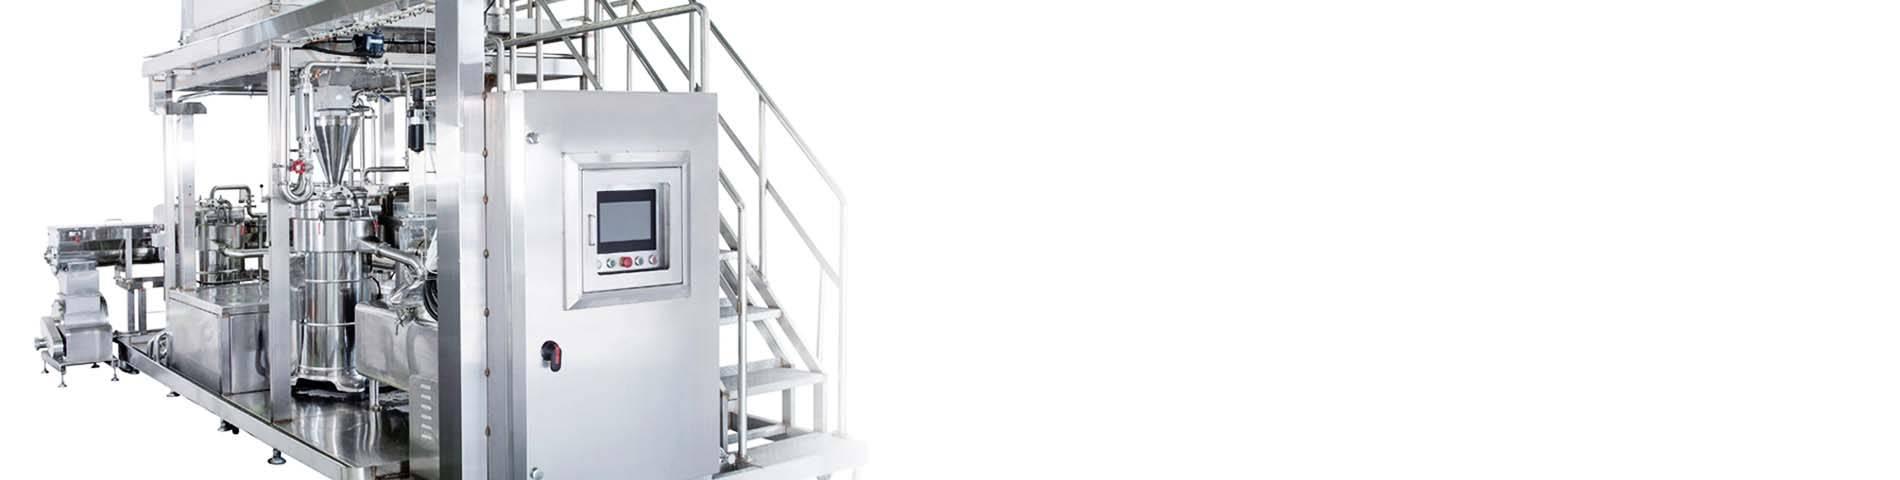 Taşlama ve Ayırma Makinesi Daha Yüksek Üretim Kapasitesi Dayanıklı, Kararlı, Güvenilir